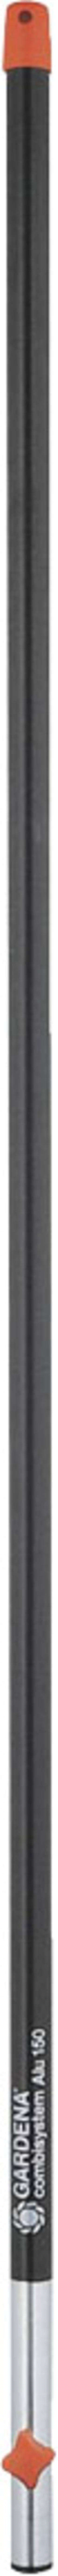 Image of Aluminiumstiel 150 cm Gardena Combisystem 03715-20